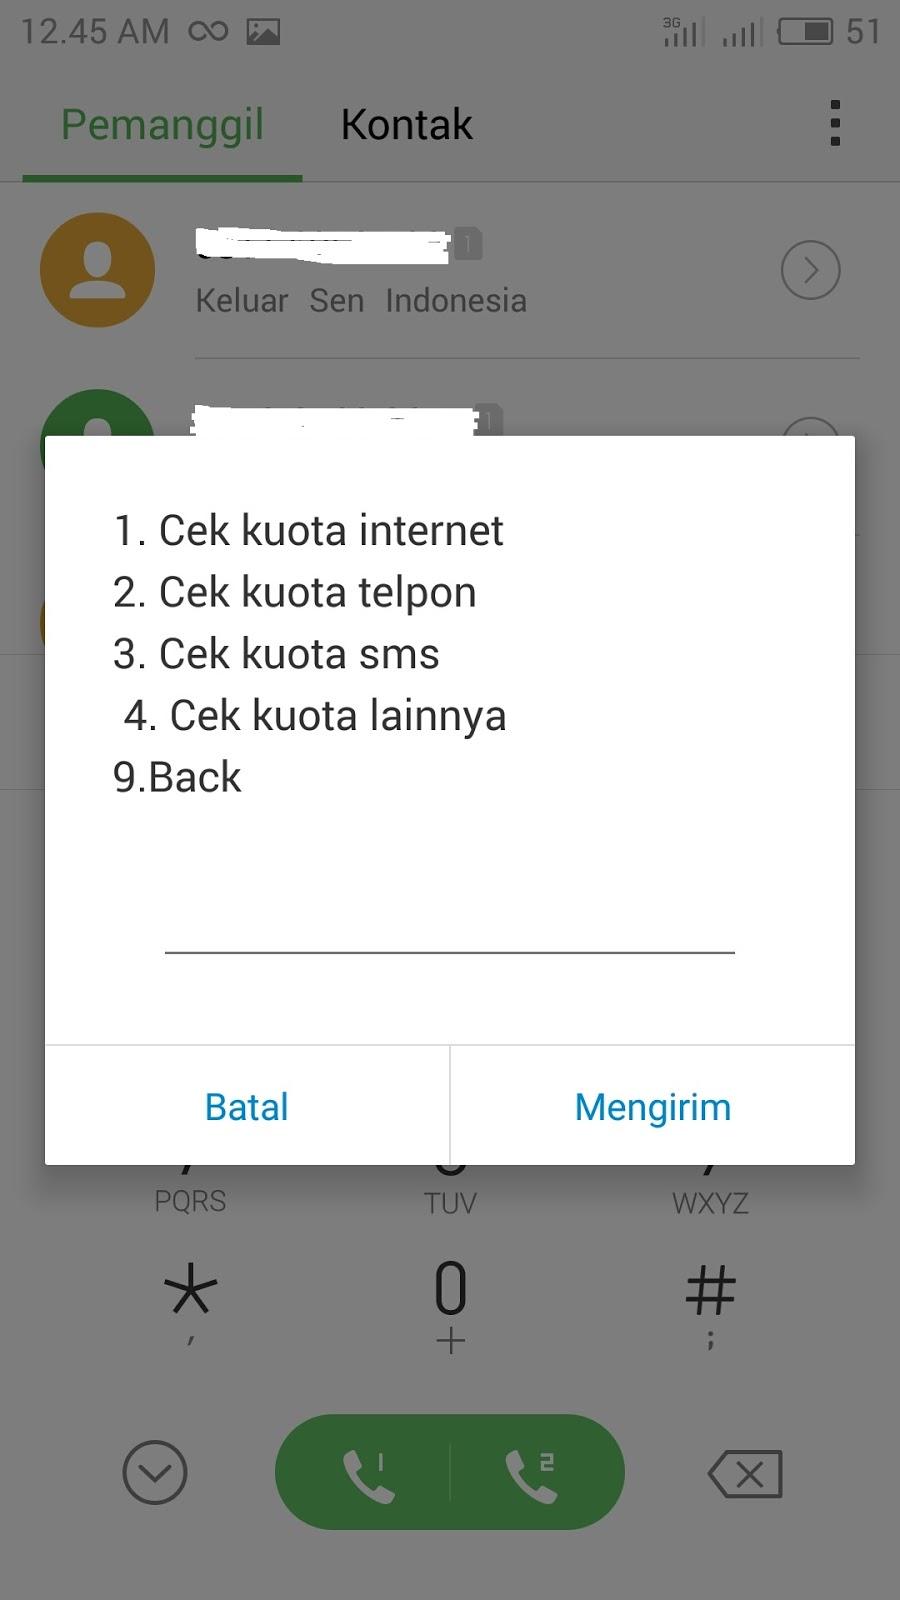 Gak Bisa Cek Kuota 889 Telkomsel Ini Cara Terbarunya Gadgethp Internet 12gb Untuk Paket Melalui 888 Juga Kok Jika Kamu Belum Punya Smartphone Android Silahkan Ketik Nomor Dan Pilih 3